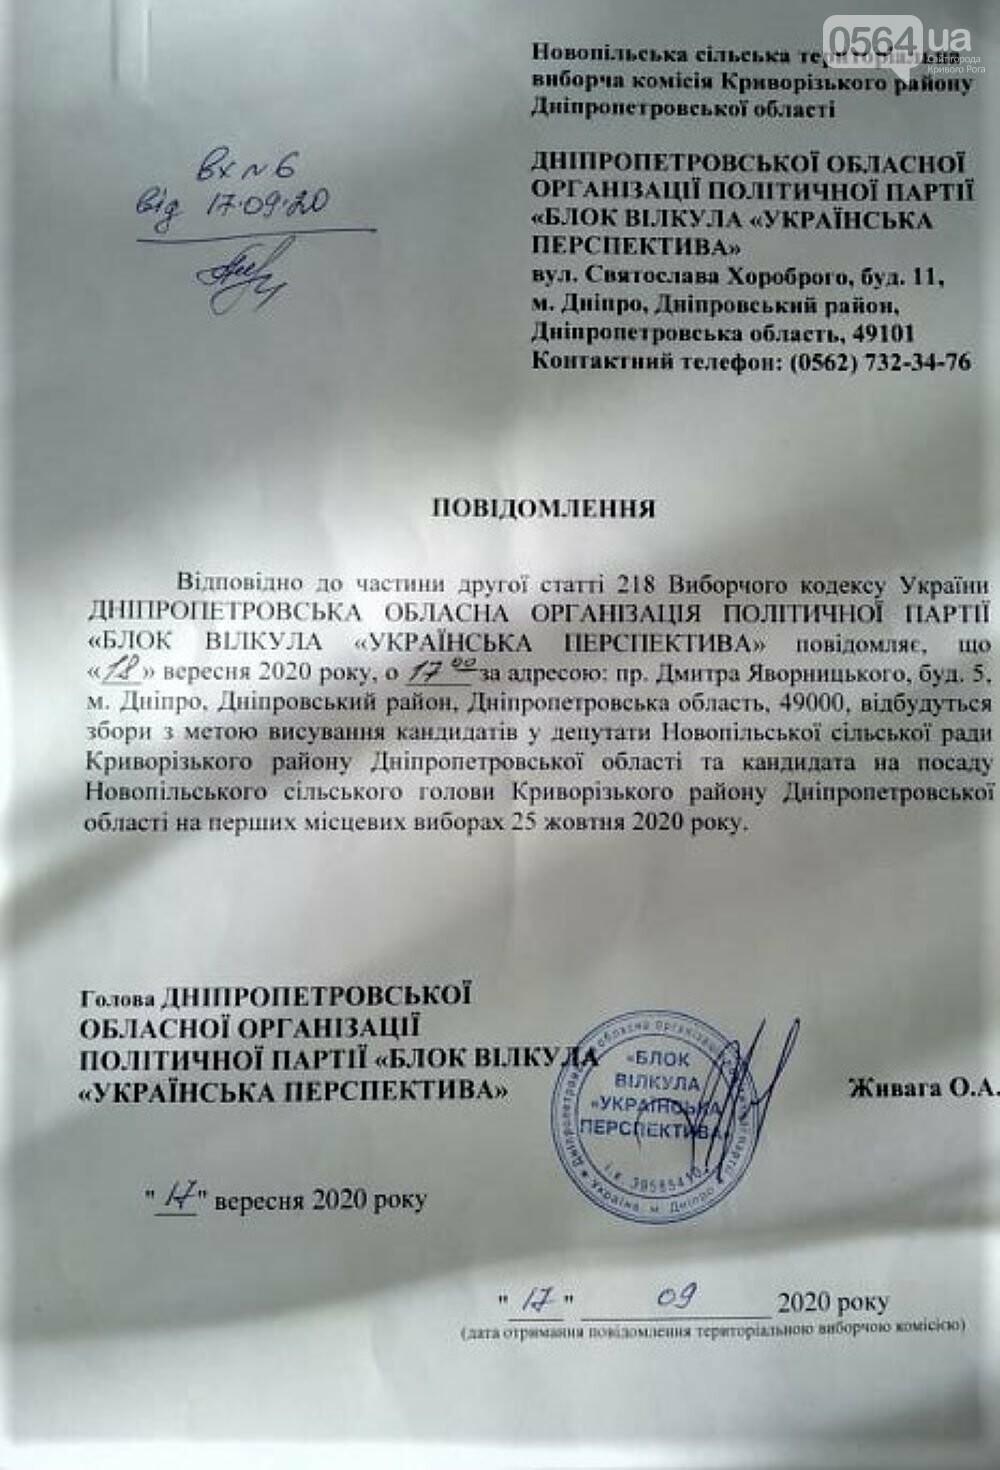 """Наблюдателей от ГС """"ОПОРА"""" не допустили на партконференции в Днепре, а в Кривом Роге пустили, фото-2"""